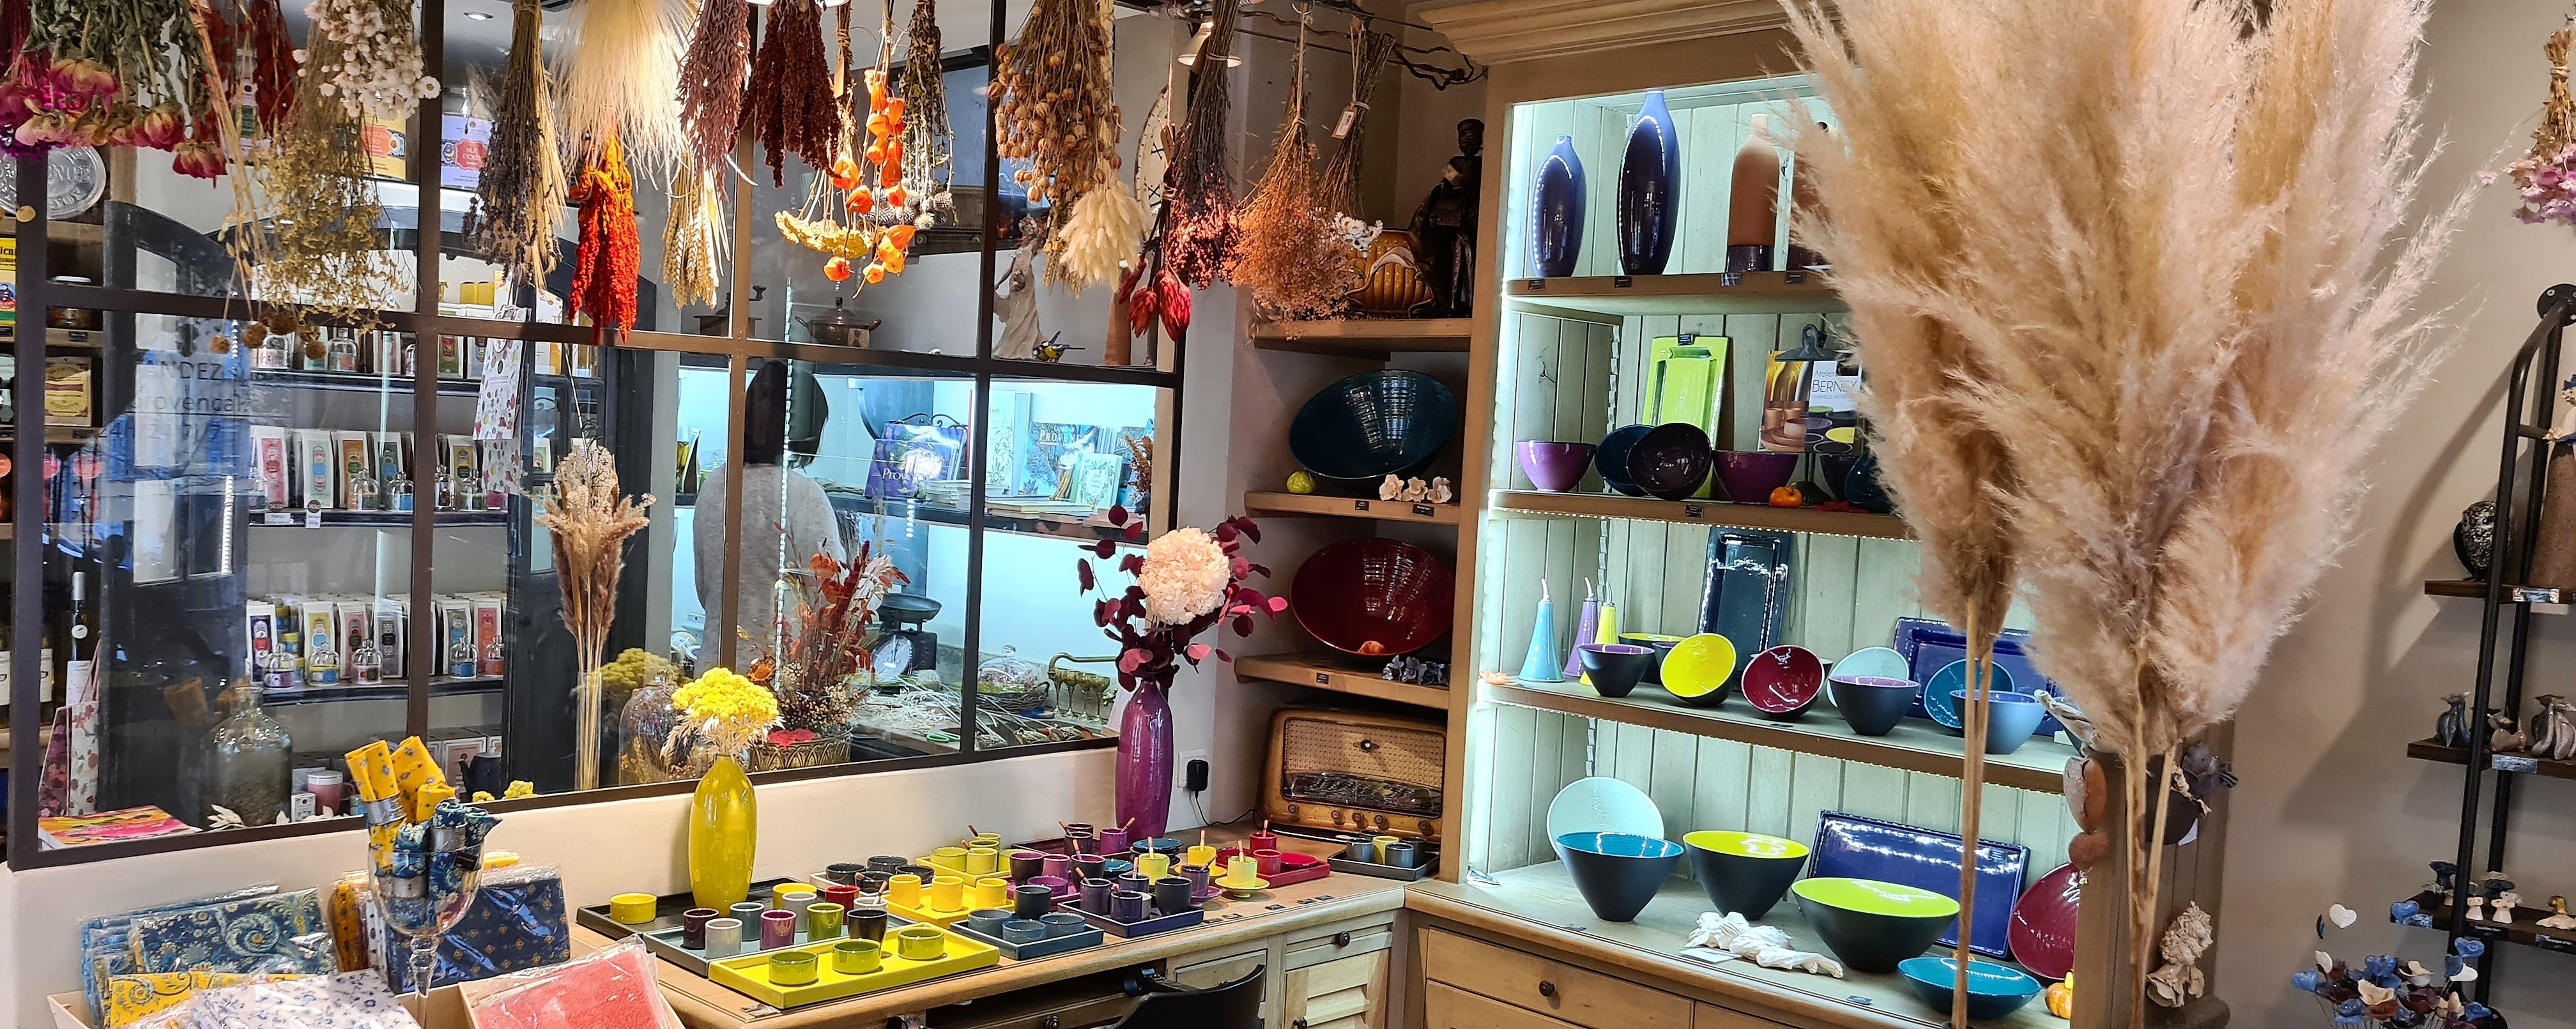 Un grand choix de céramiques colorées et originales, toutes fait-main par Atelier Bernex installé à Aubagne dans les Bouches du Rhône.